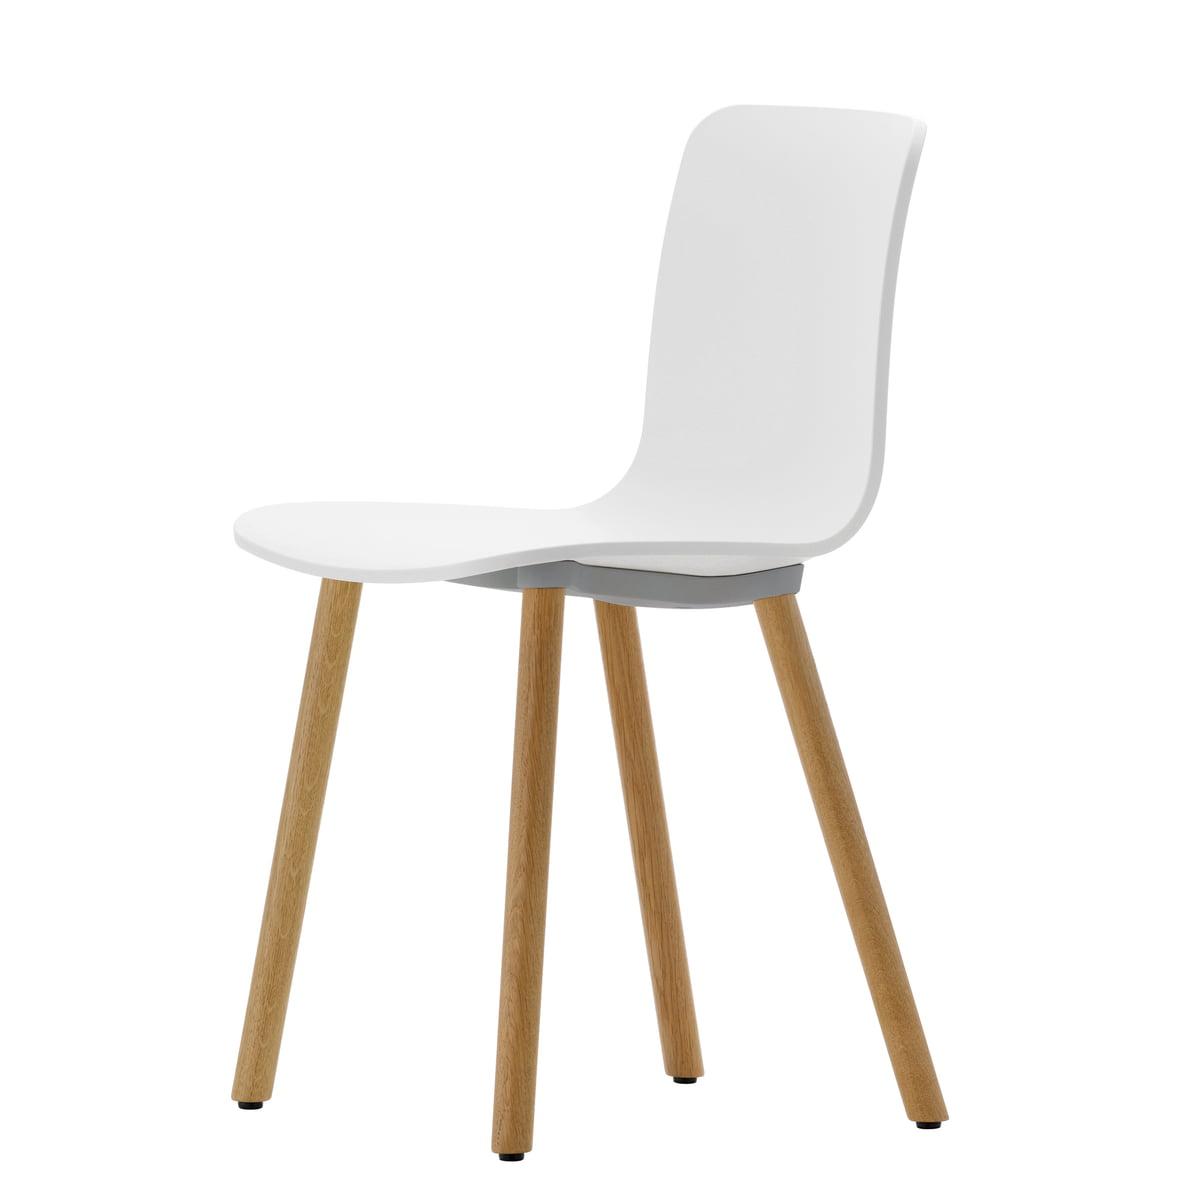 Inspirierend Weisse Stühle Ideen Von Hal Wood Stuhl Von Vitra Aus Heller